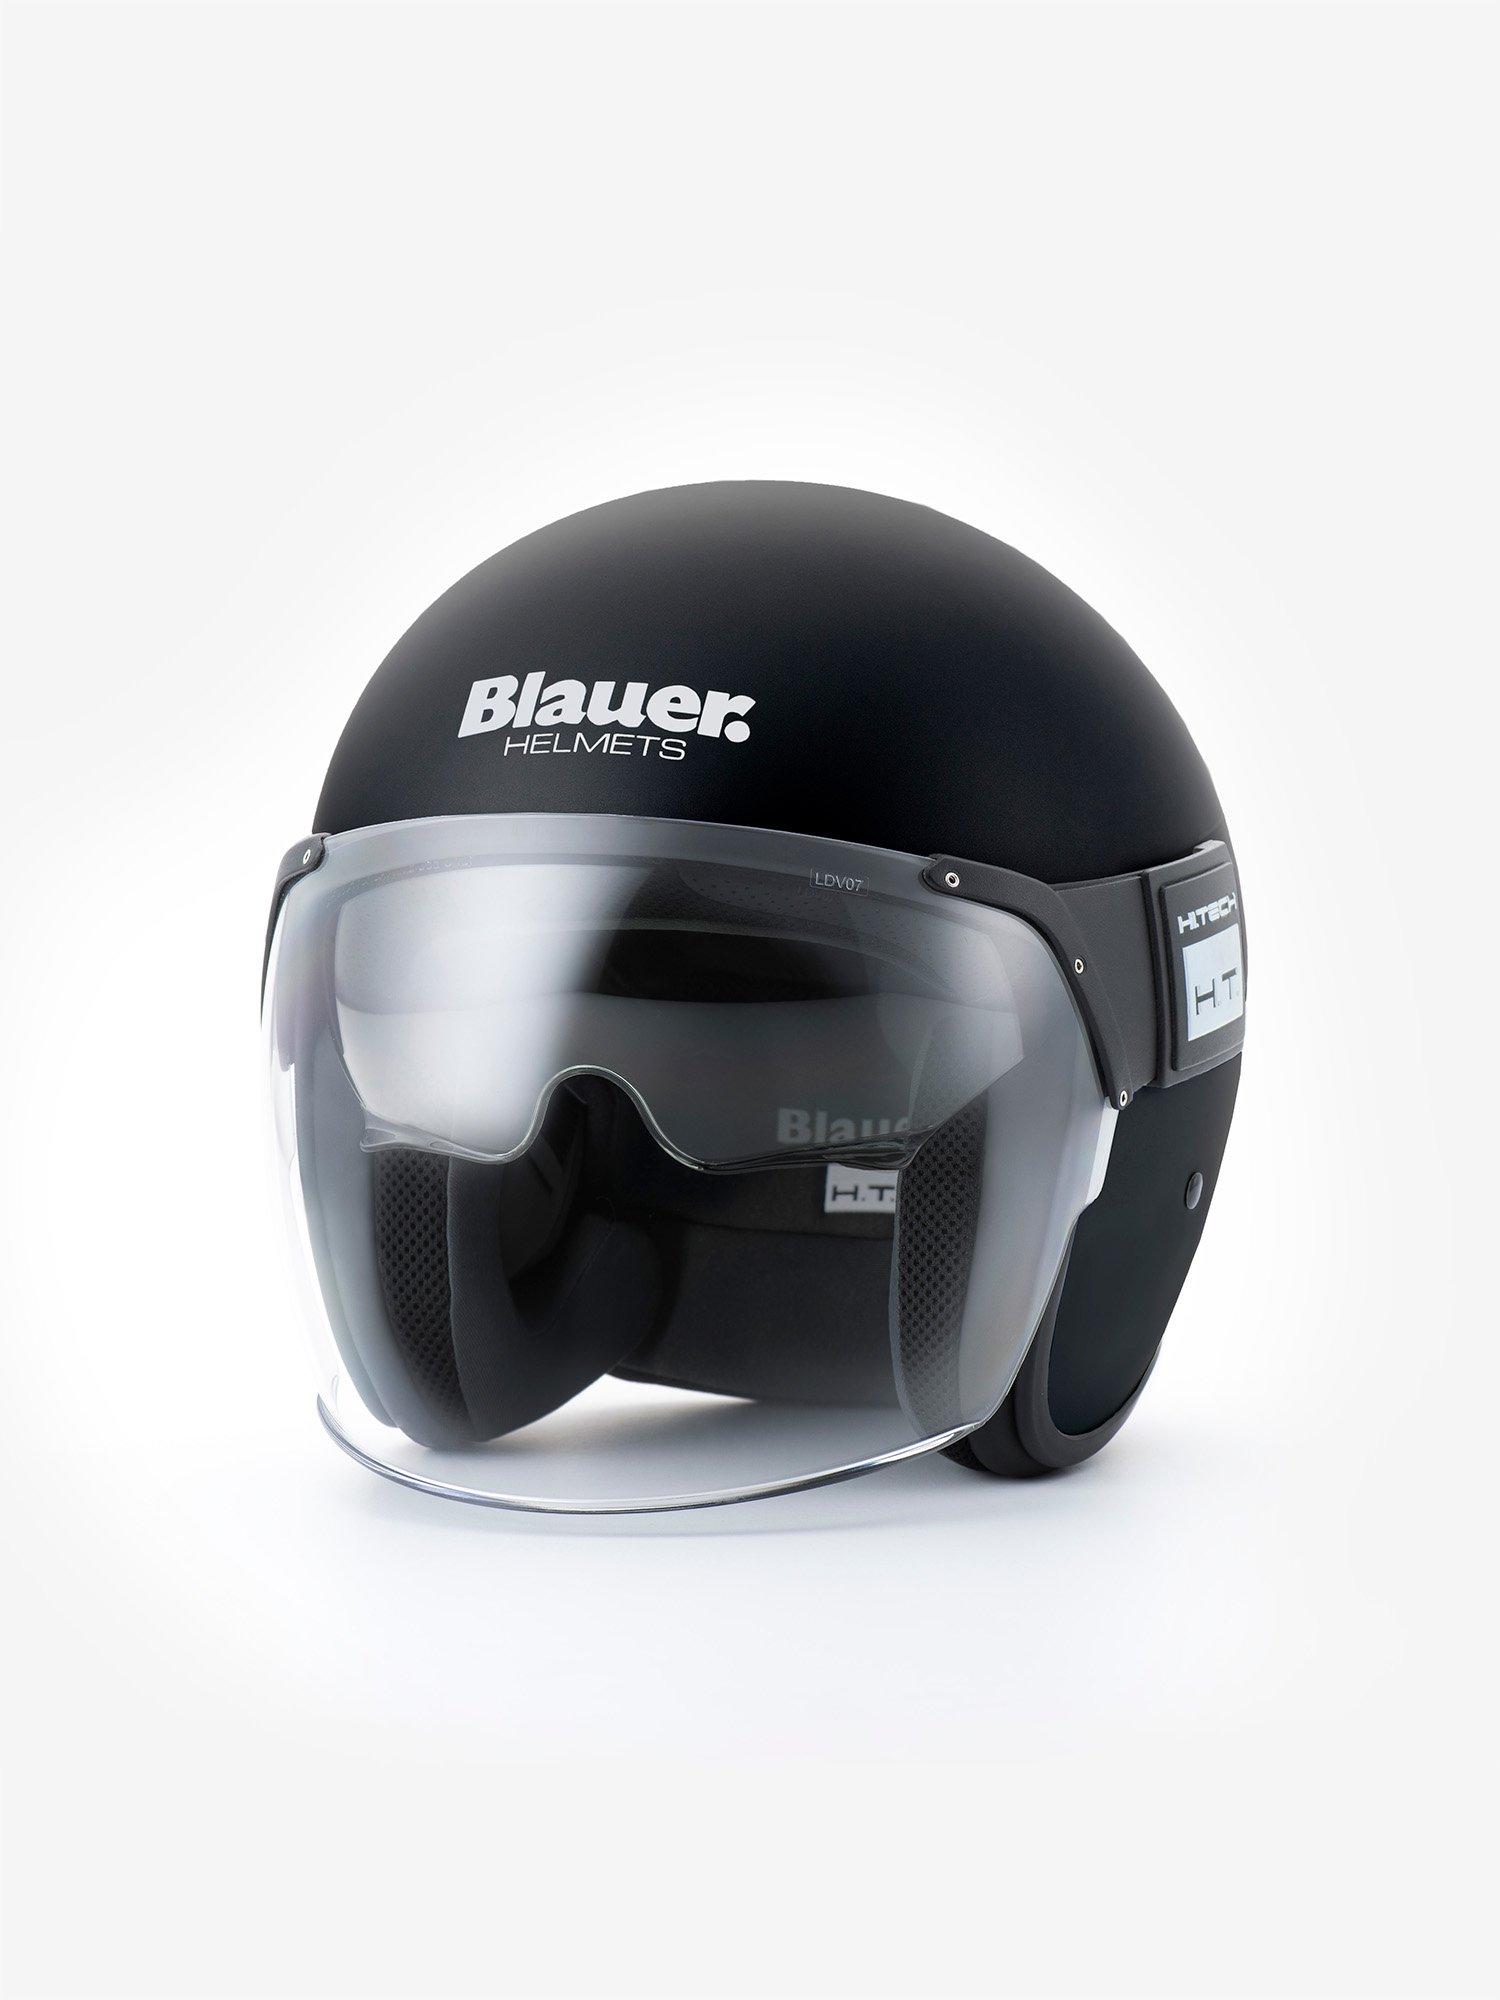 Blauer - POD MONOCHROME SCHWARZ MATT - Black Matt - Blauer